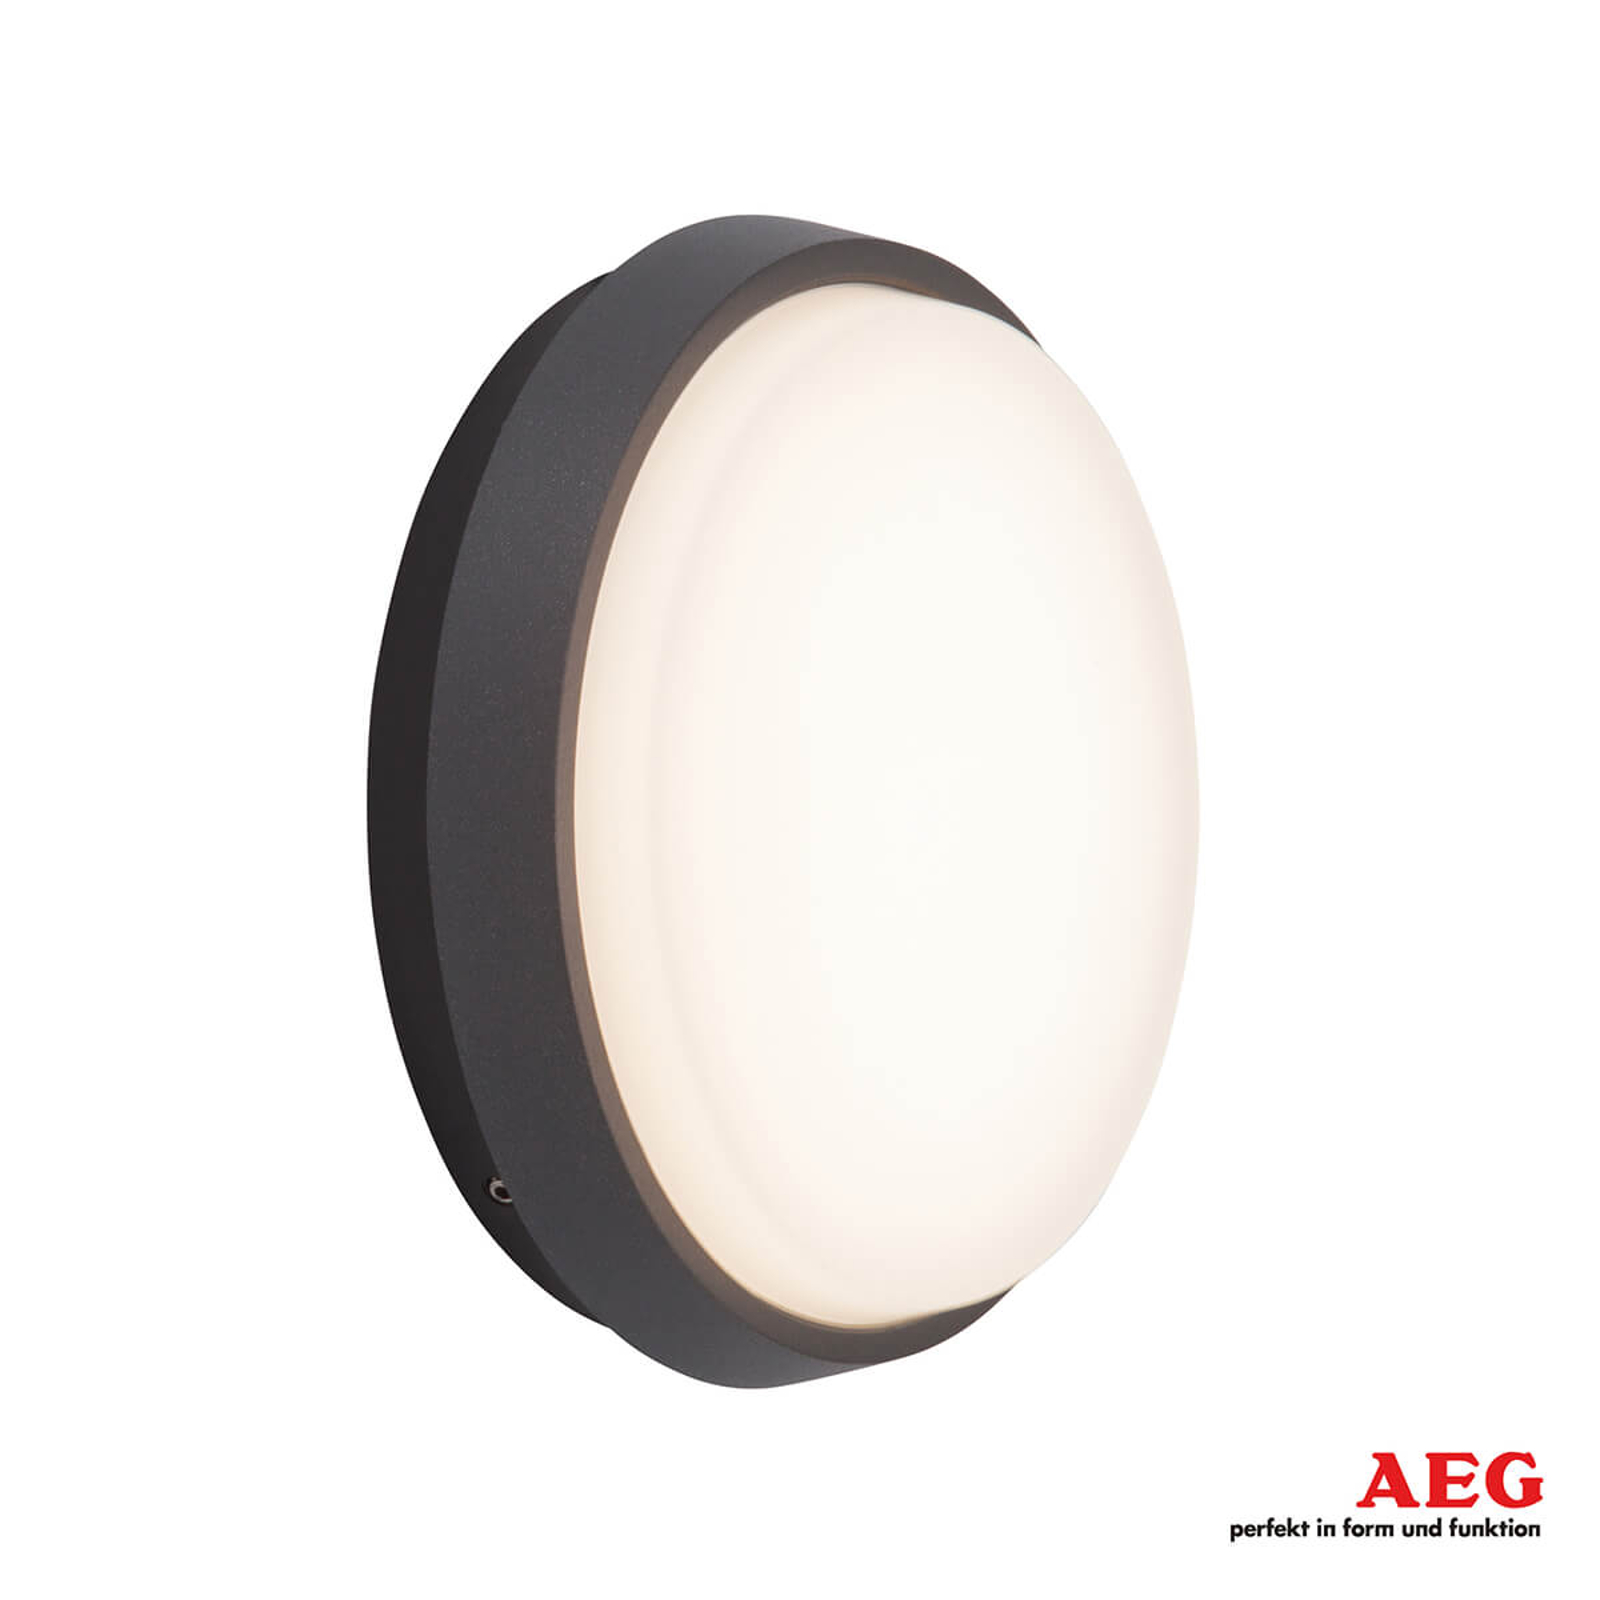 AEG Letan Round - LED-Außenwandleuchte, 9 W